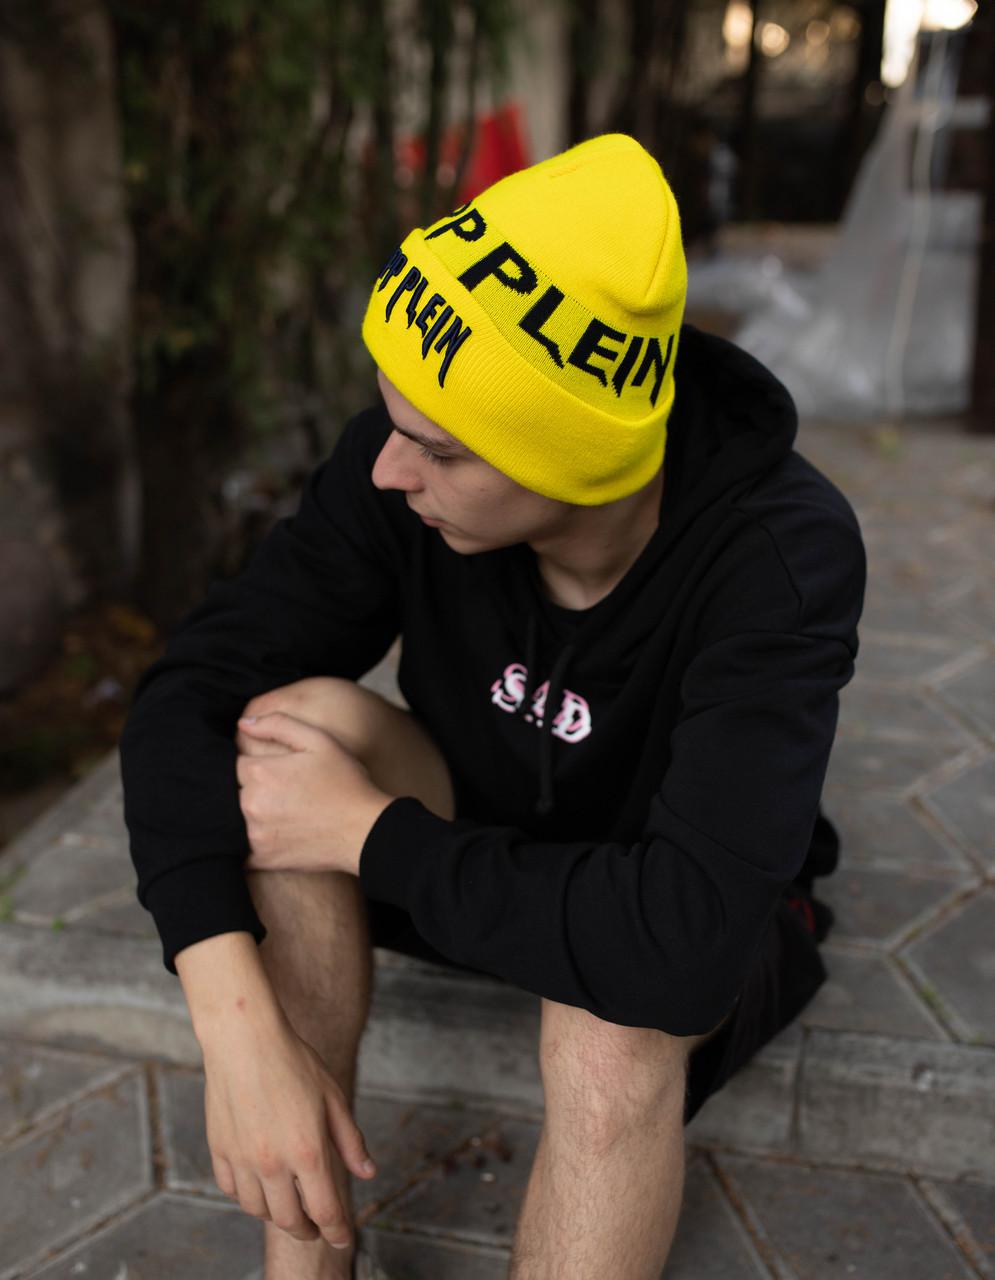 Шапка Philipp Plein/Шапка Філіп Плейн/Шапка чоловіча/шапка жіноча/шапка жовта